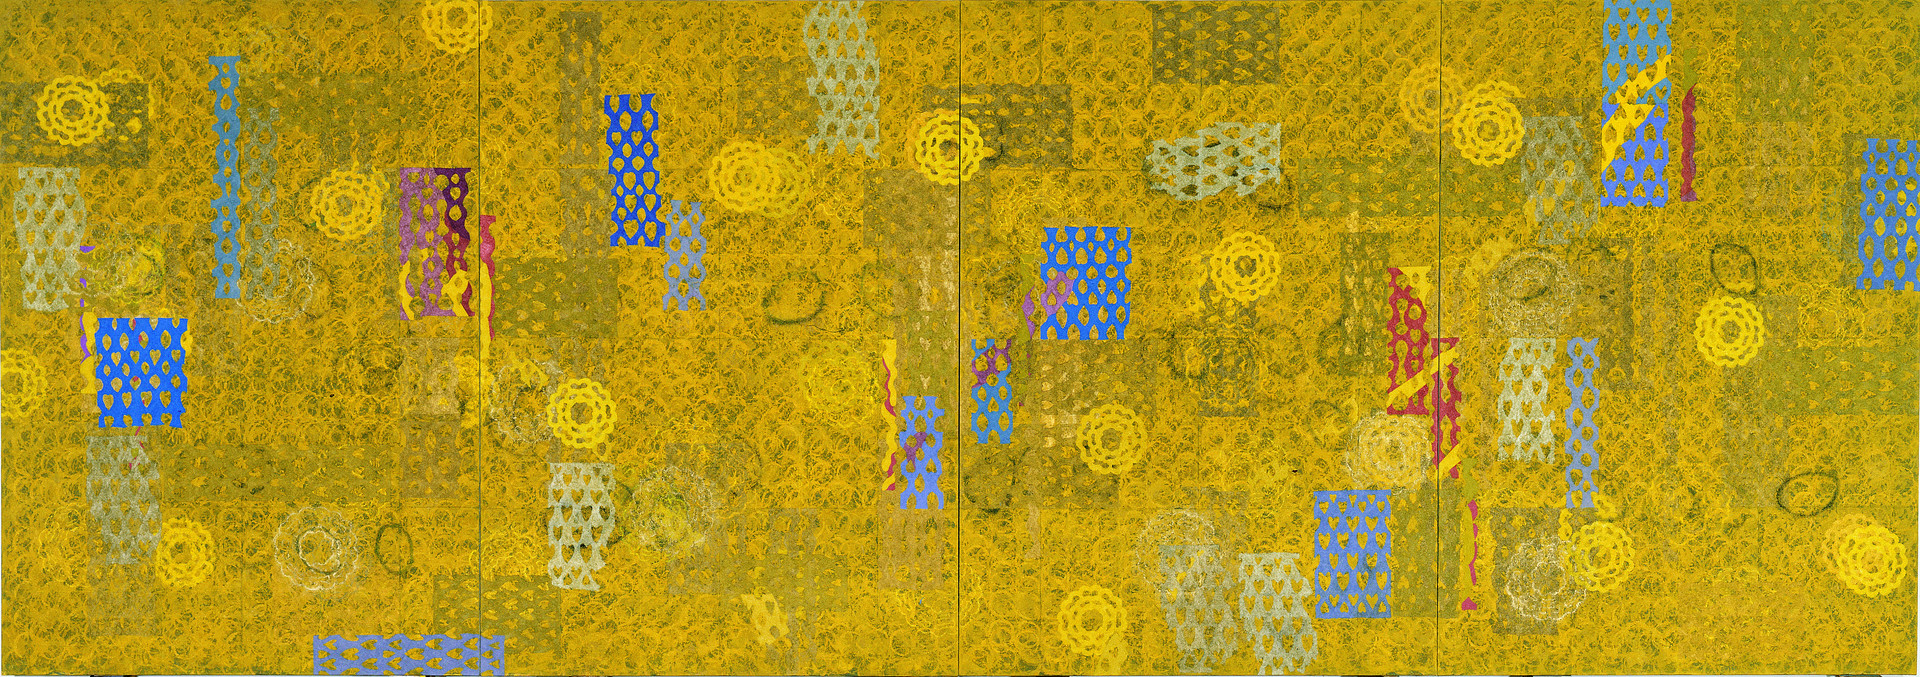 """""""모과와 종이꽃이 있는 풍경 I,II,III,IV"""" / 2004-5 / 648x227cm, Oil & Charcoal on Canvas"""